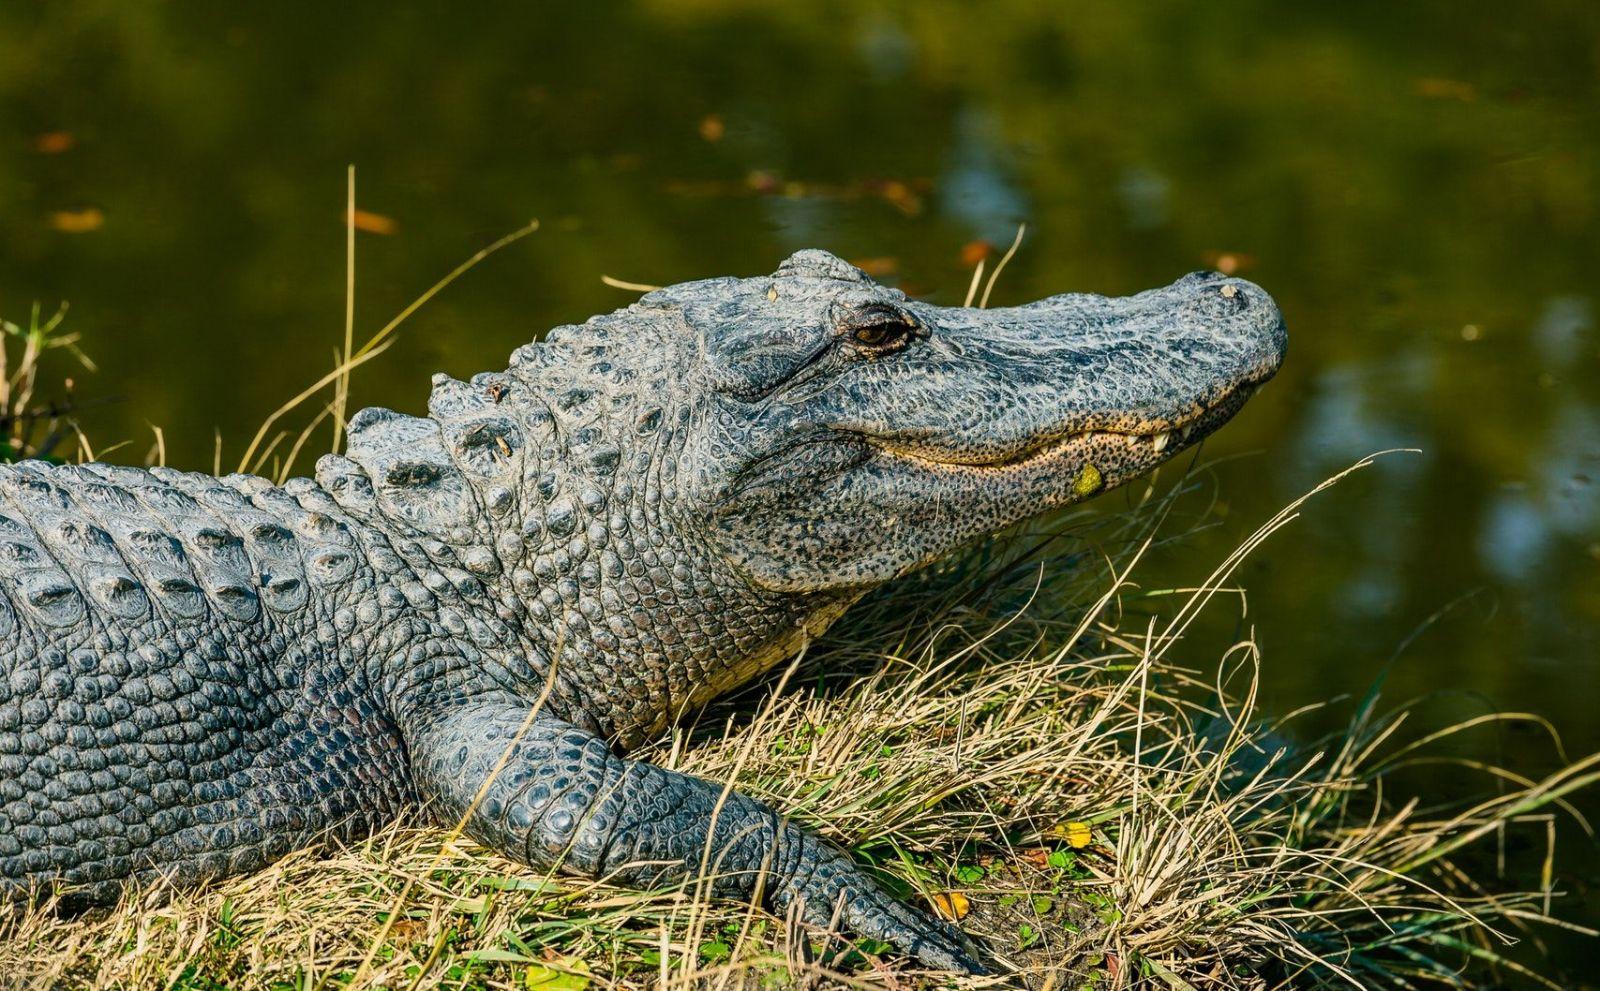 40 aligátorov zdrogovali ketamínom. Vedci im potom nasadili slúchadlá, chceli vedieť, ako fungoval sluch dinosaurov